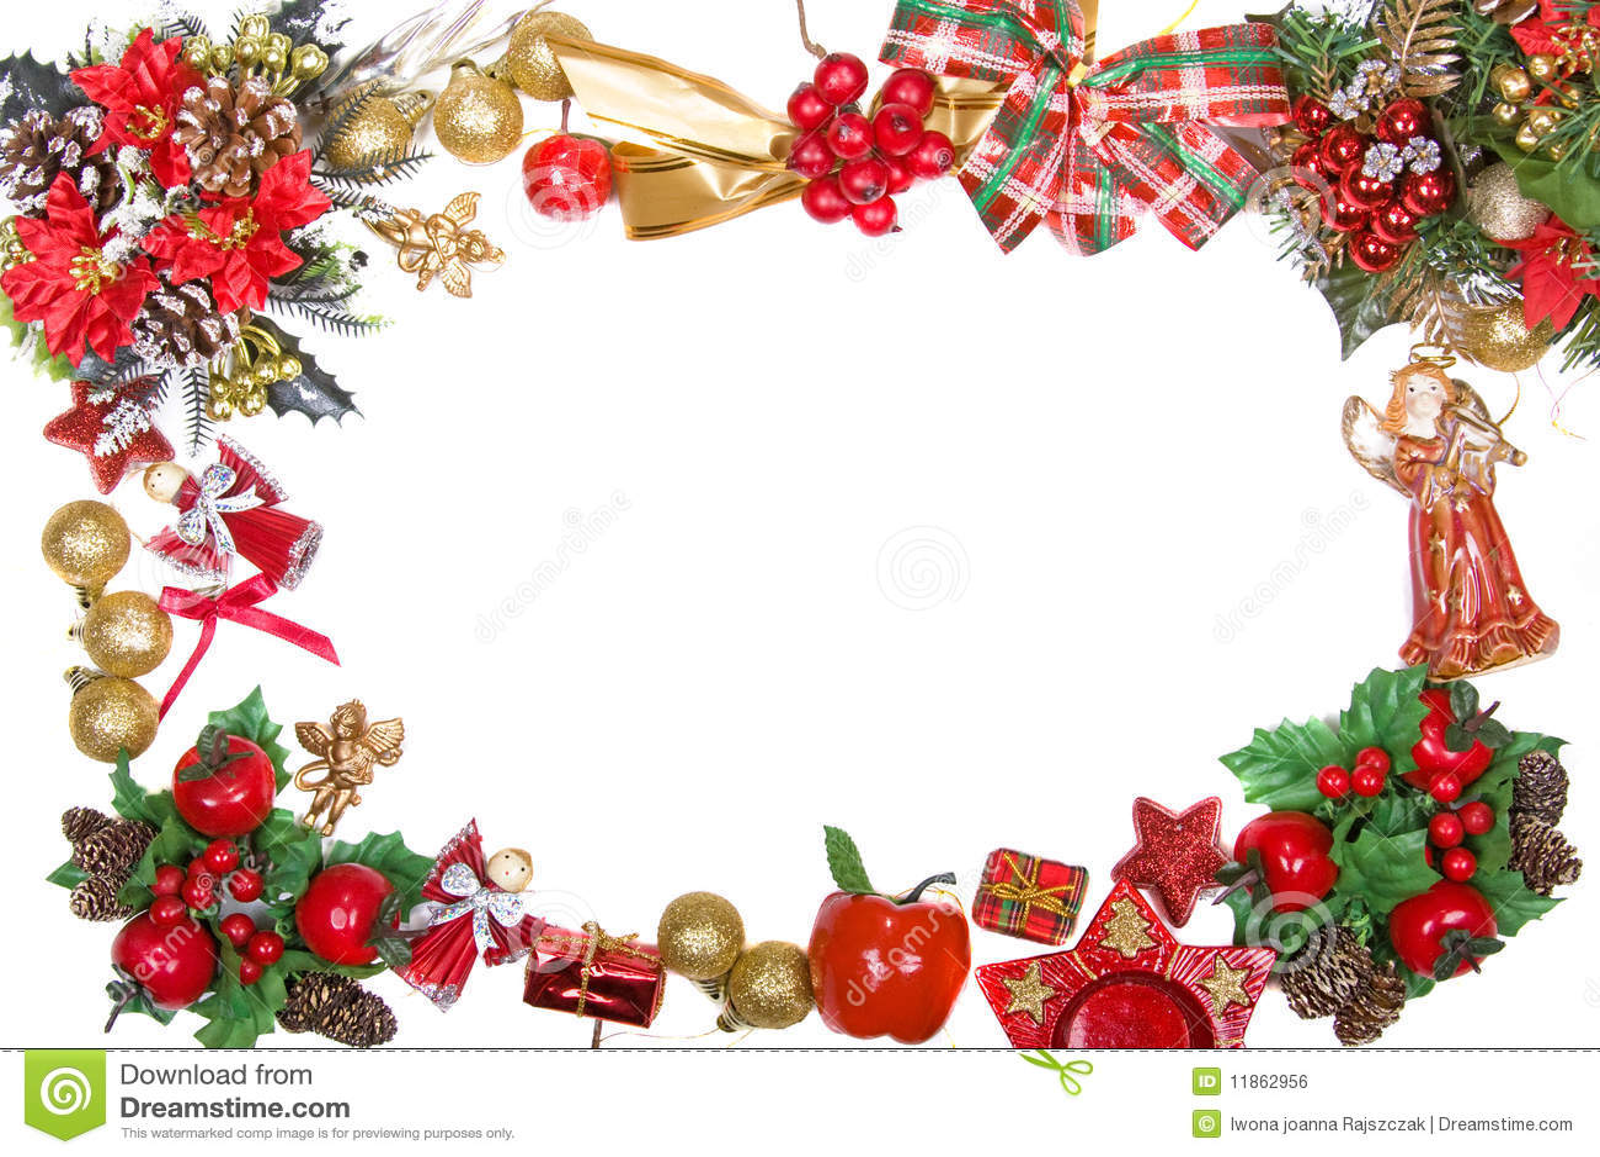 marco de la guirnalda de la navidad cierre hoja - Guirnaldas De Navidad